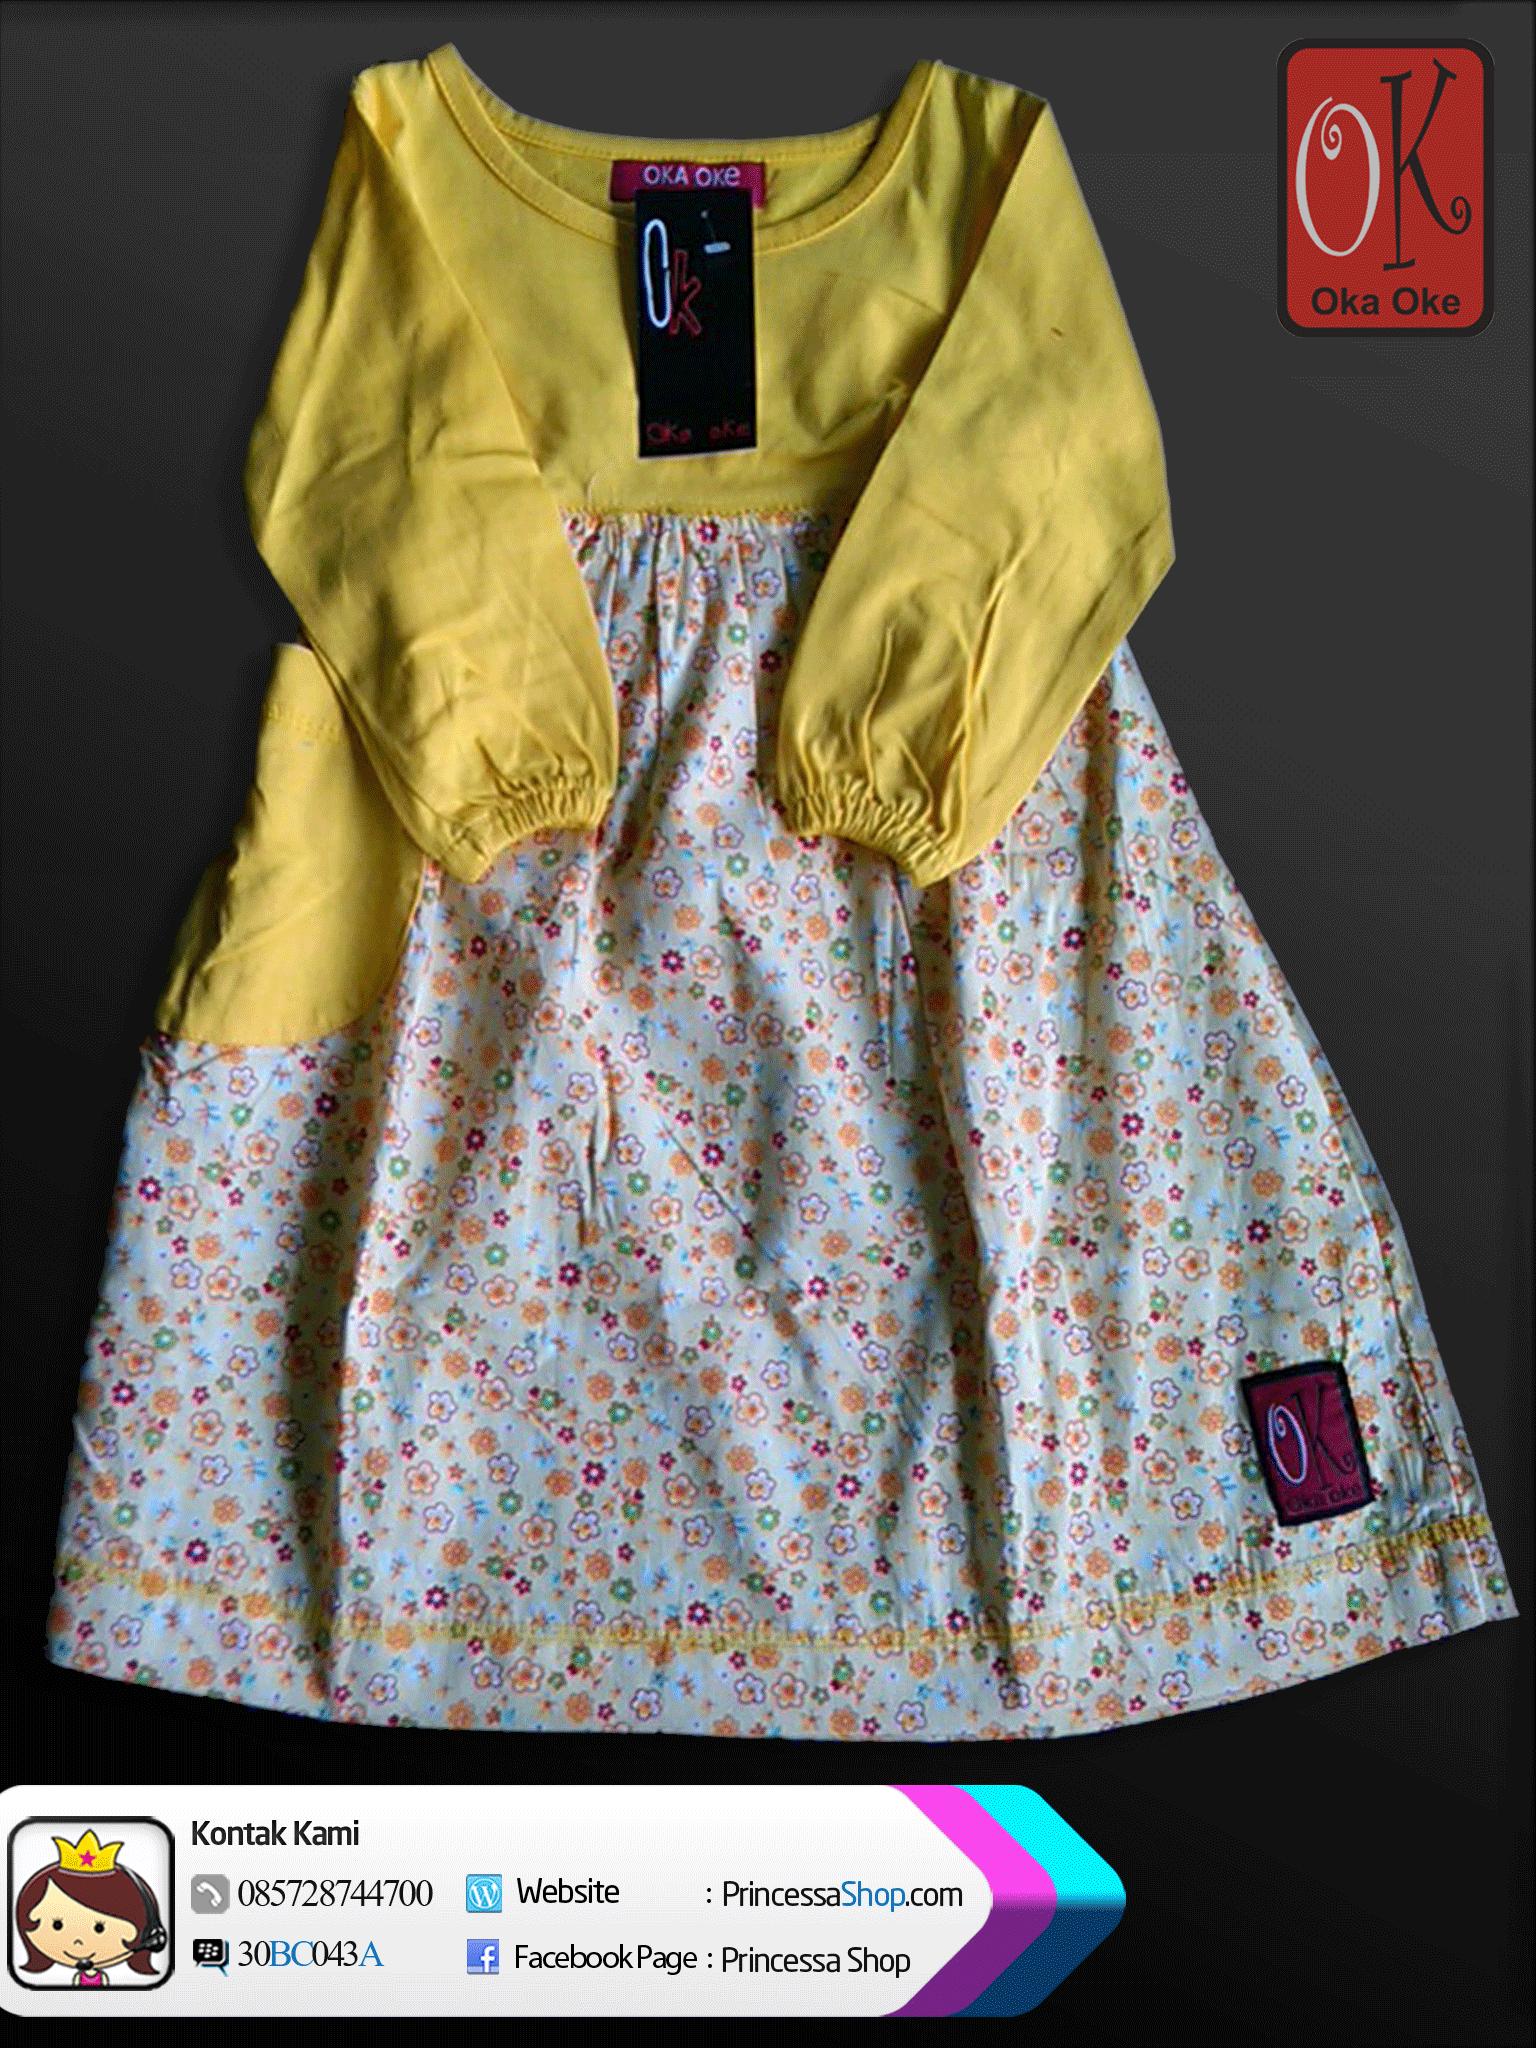 Gamis Anak Model Terbaru Produk Oka Oke Dengan Warna Kuning dan Bermotif Bunga Dress Anak